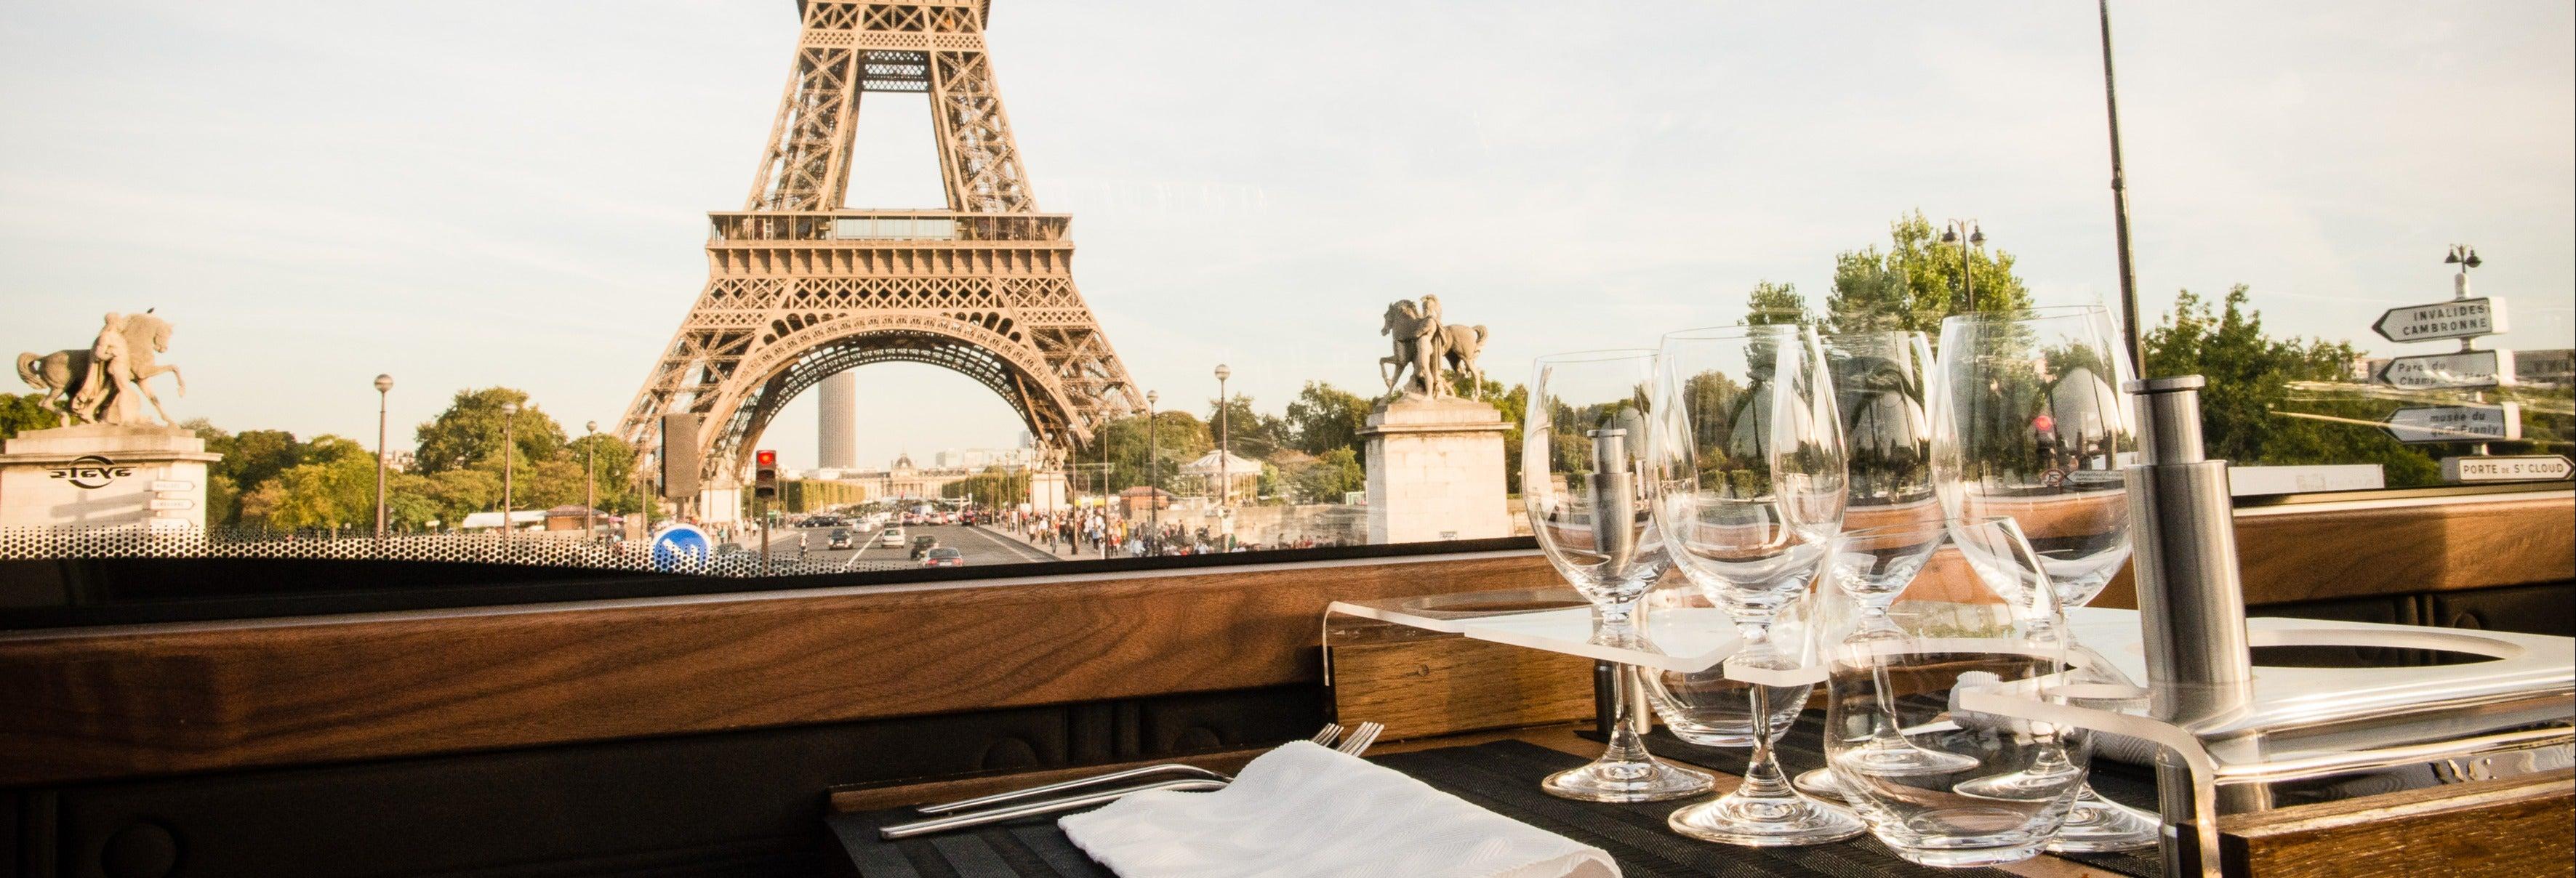 Paris Gourmet Bus Tour